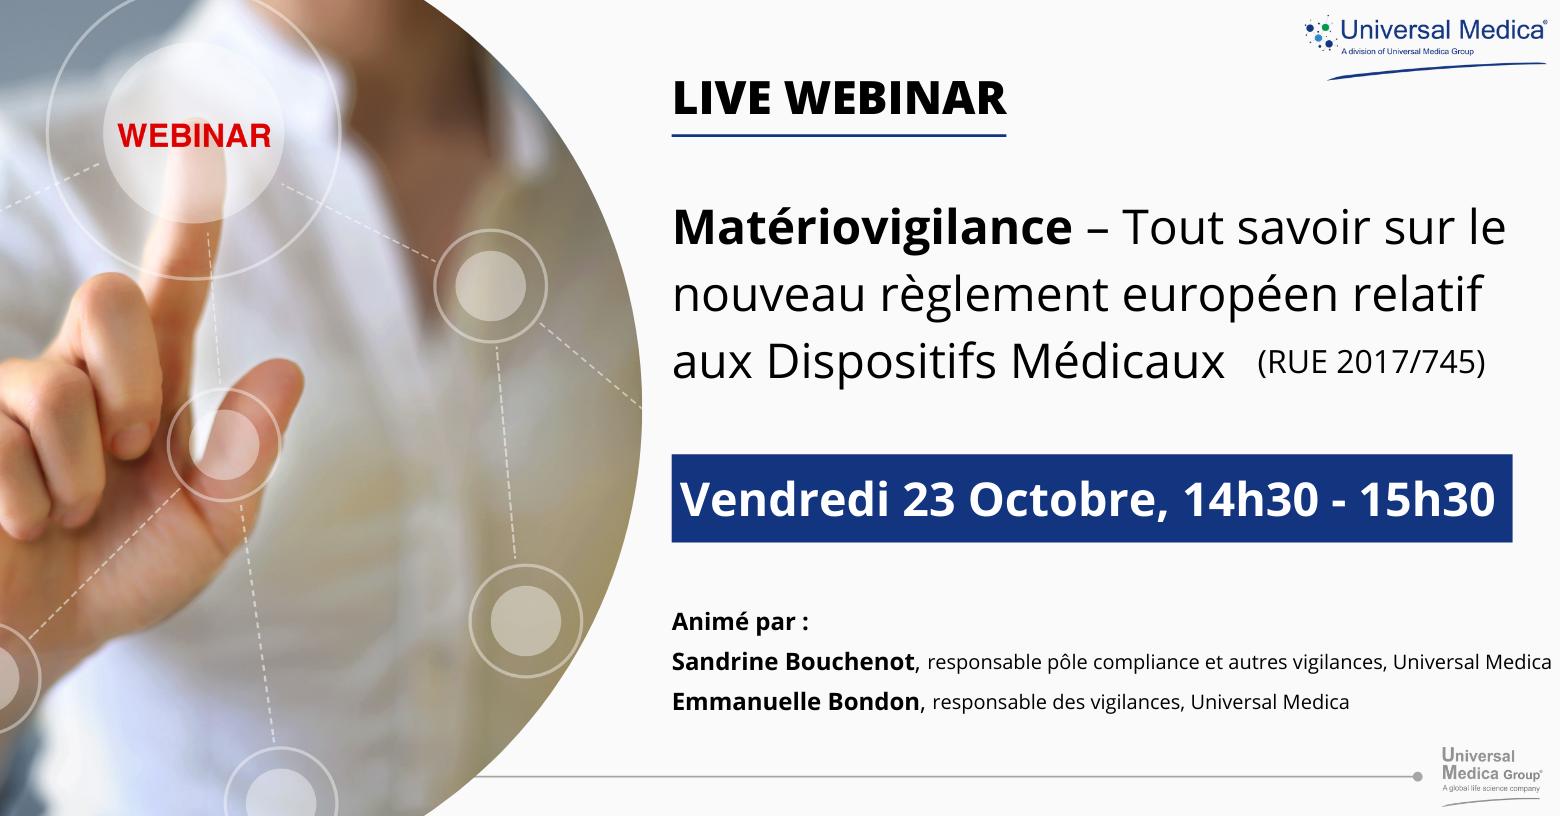 Webinar – Matériovigilance : Tout savoir sur le nouveau règlement européen relatif aux Dispositifs Médicaux (RUE 2017/745)